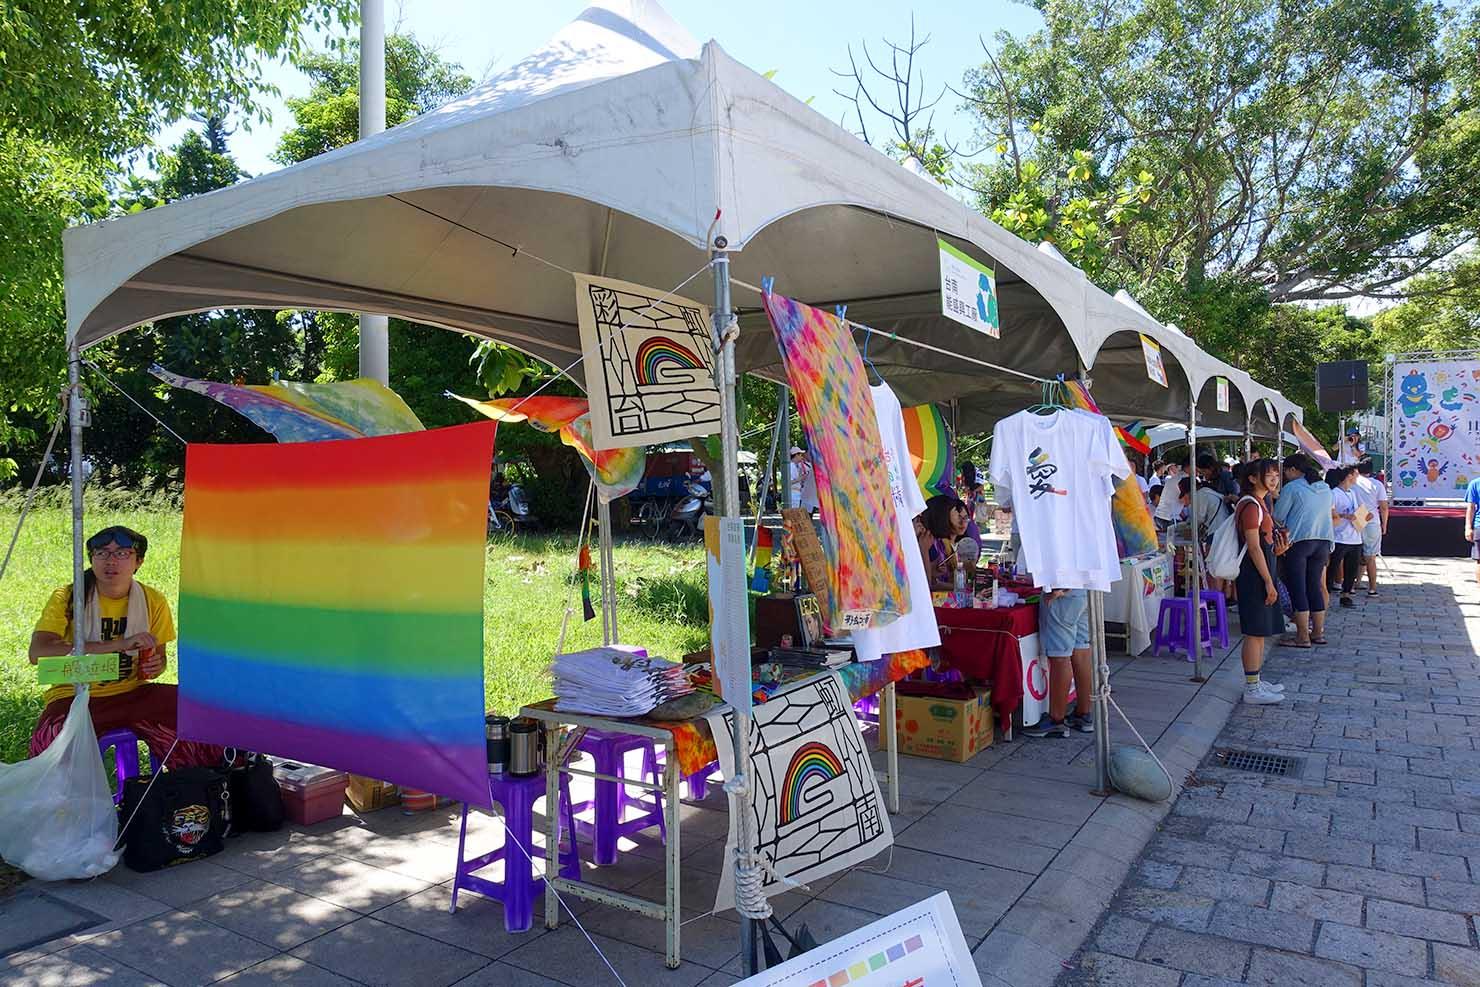 台湾東部のLGBTプライド「花東彩虹嘉年華」台東会場に並ぶグッズ販売のブース